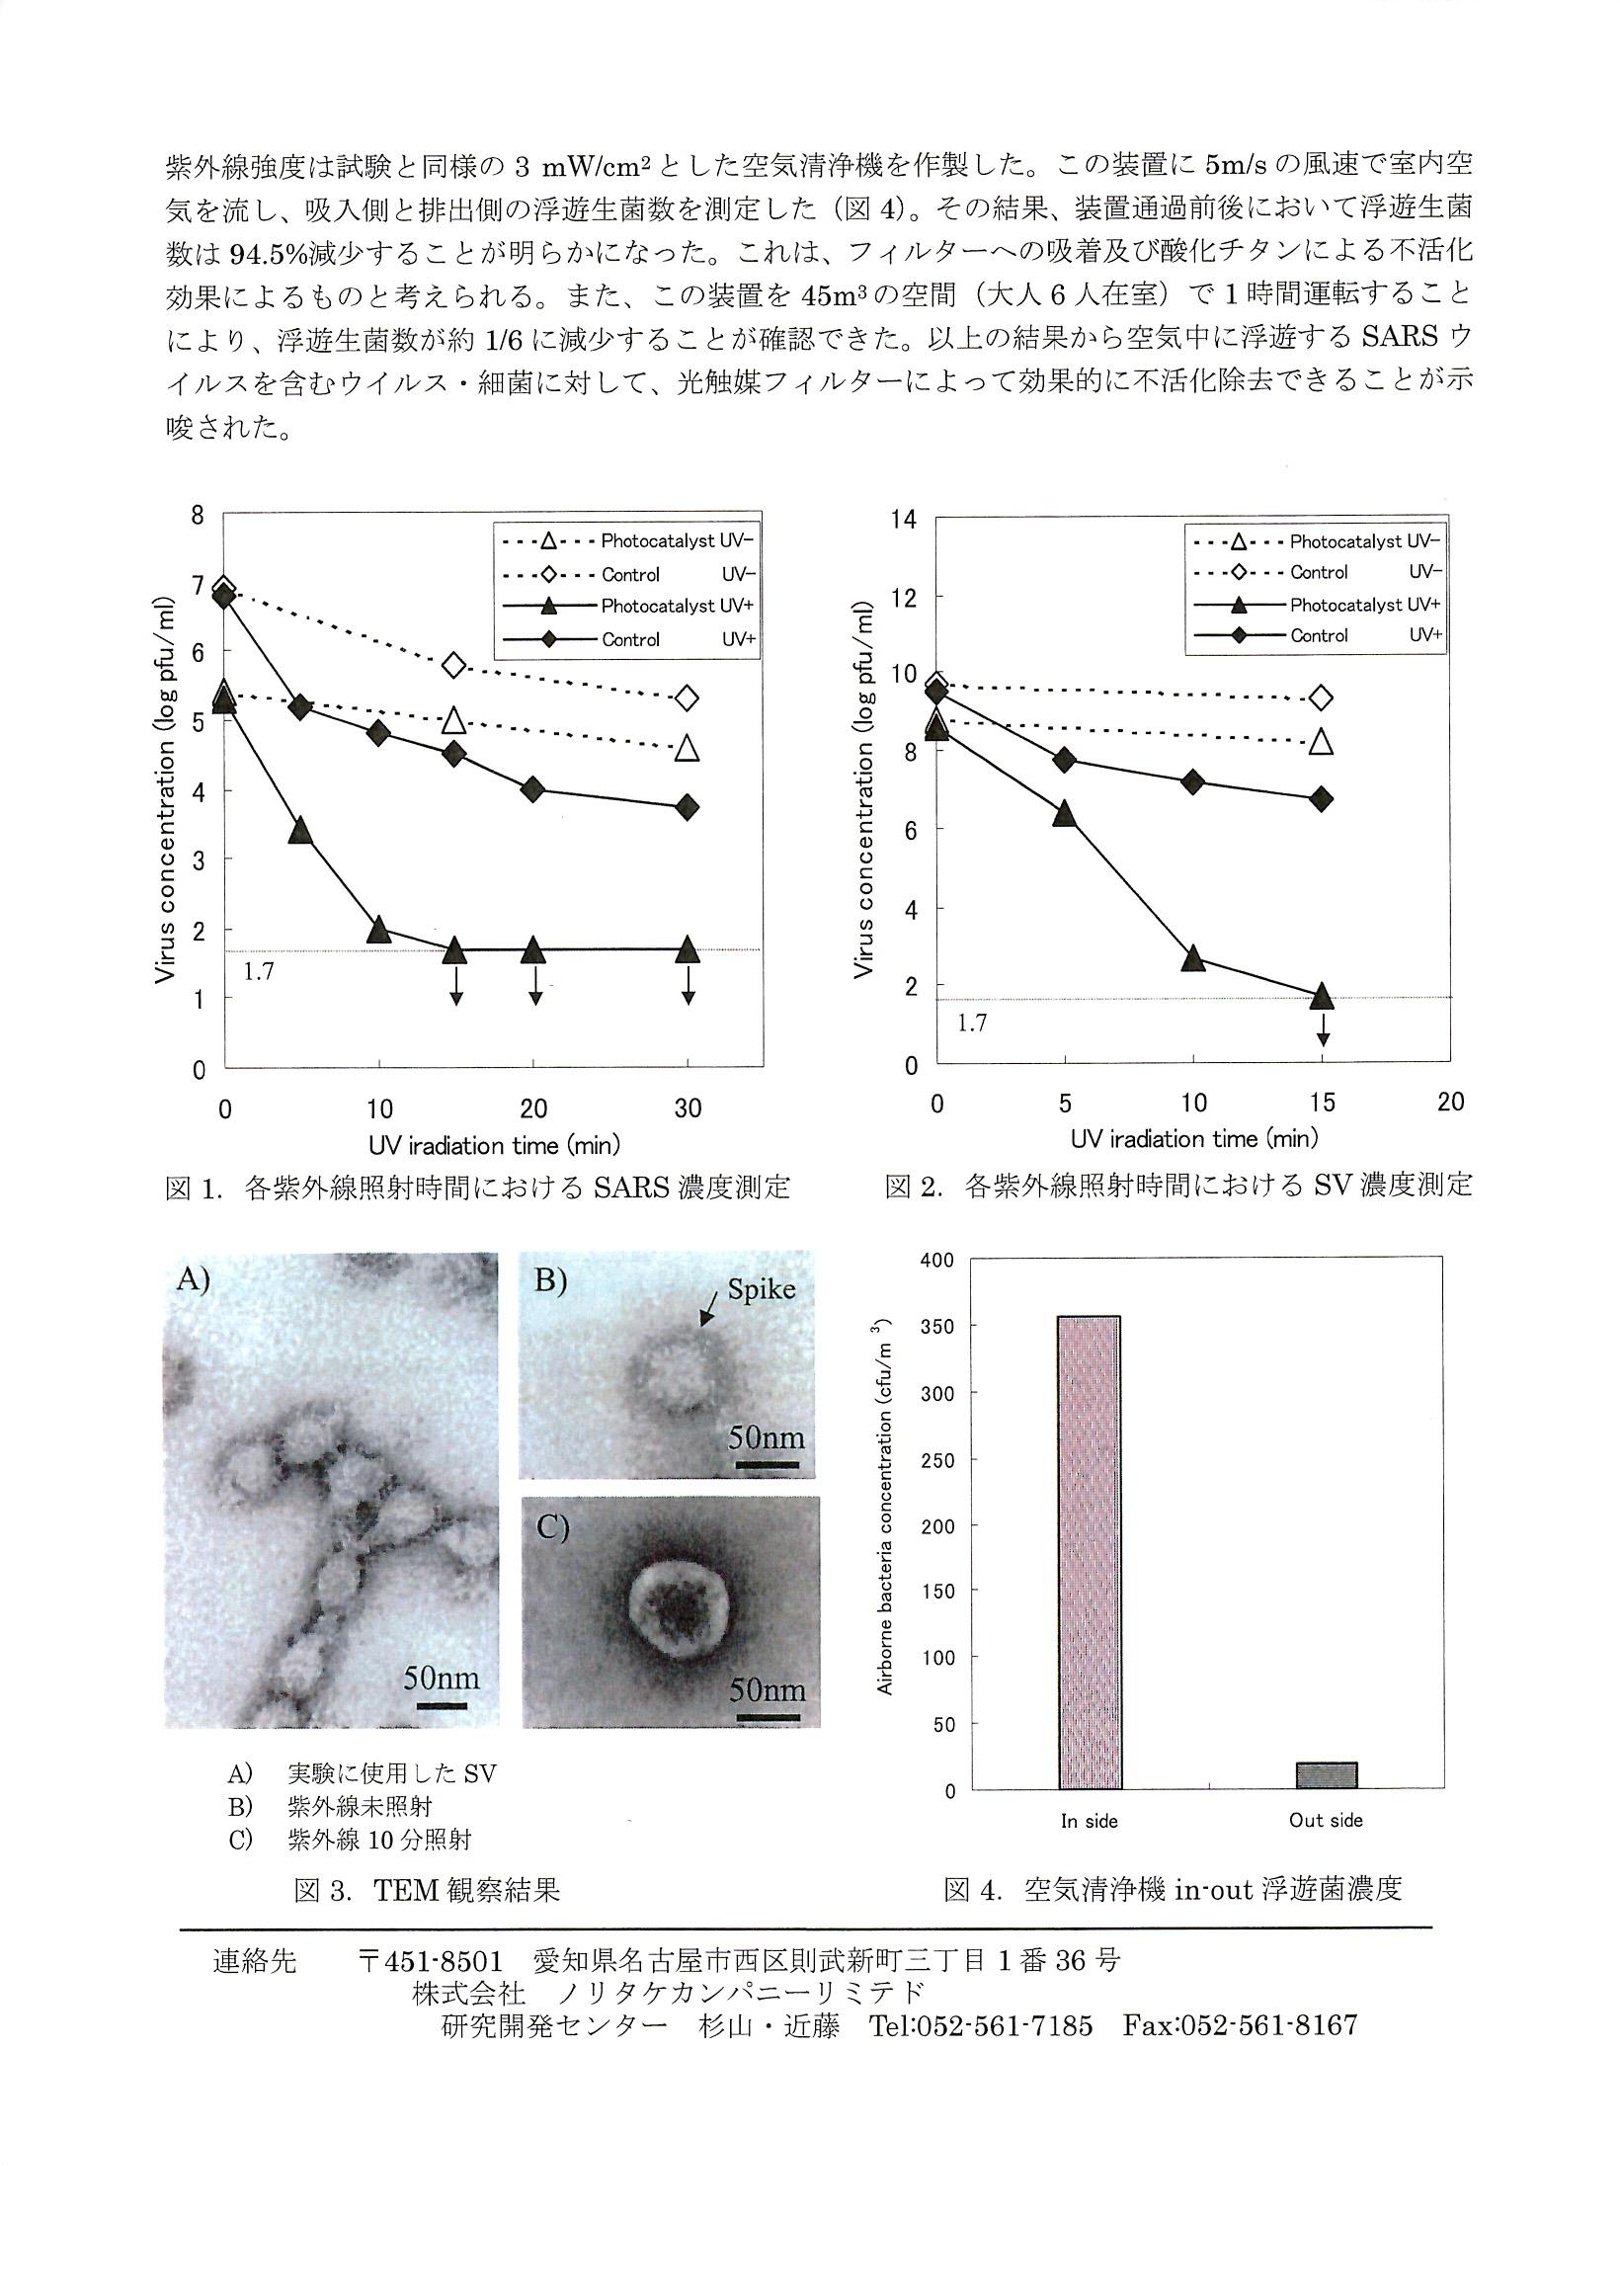 光触媒によるSARSウイルスの不活化効果の検証